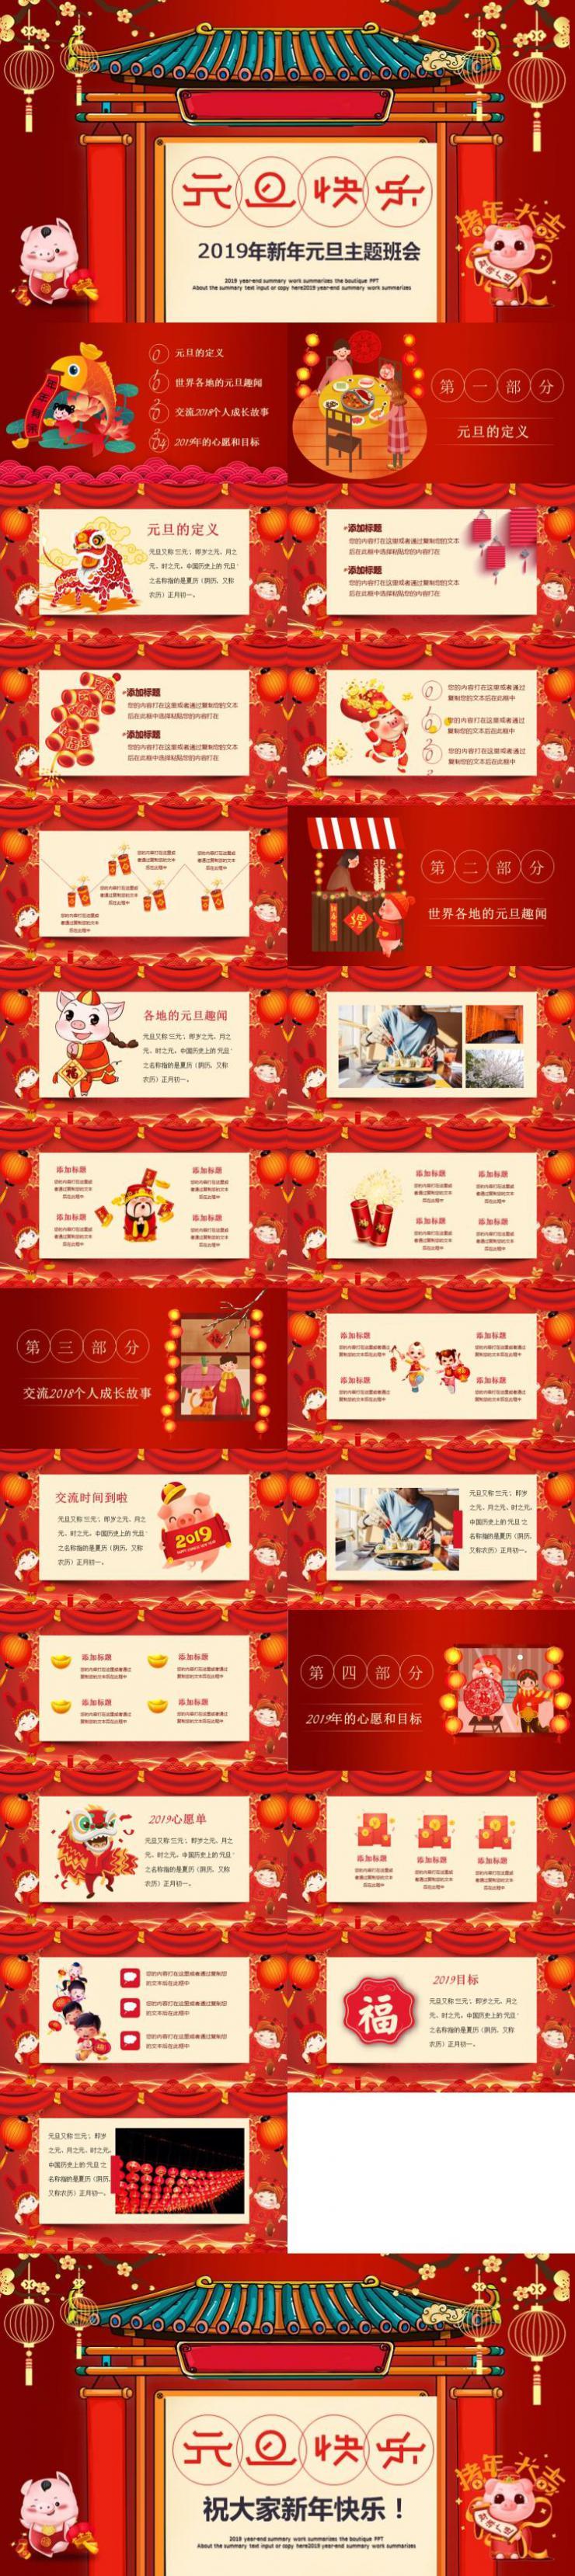 2019年金猪年元旦节庆PPT模板下载